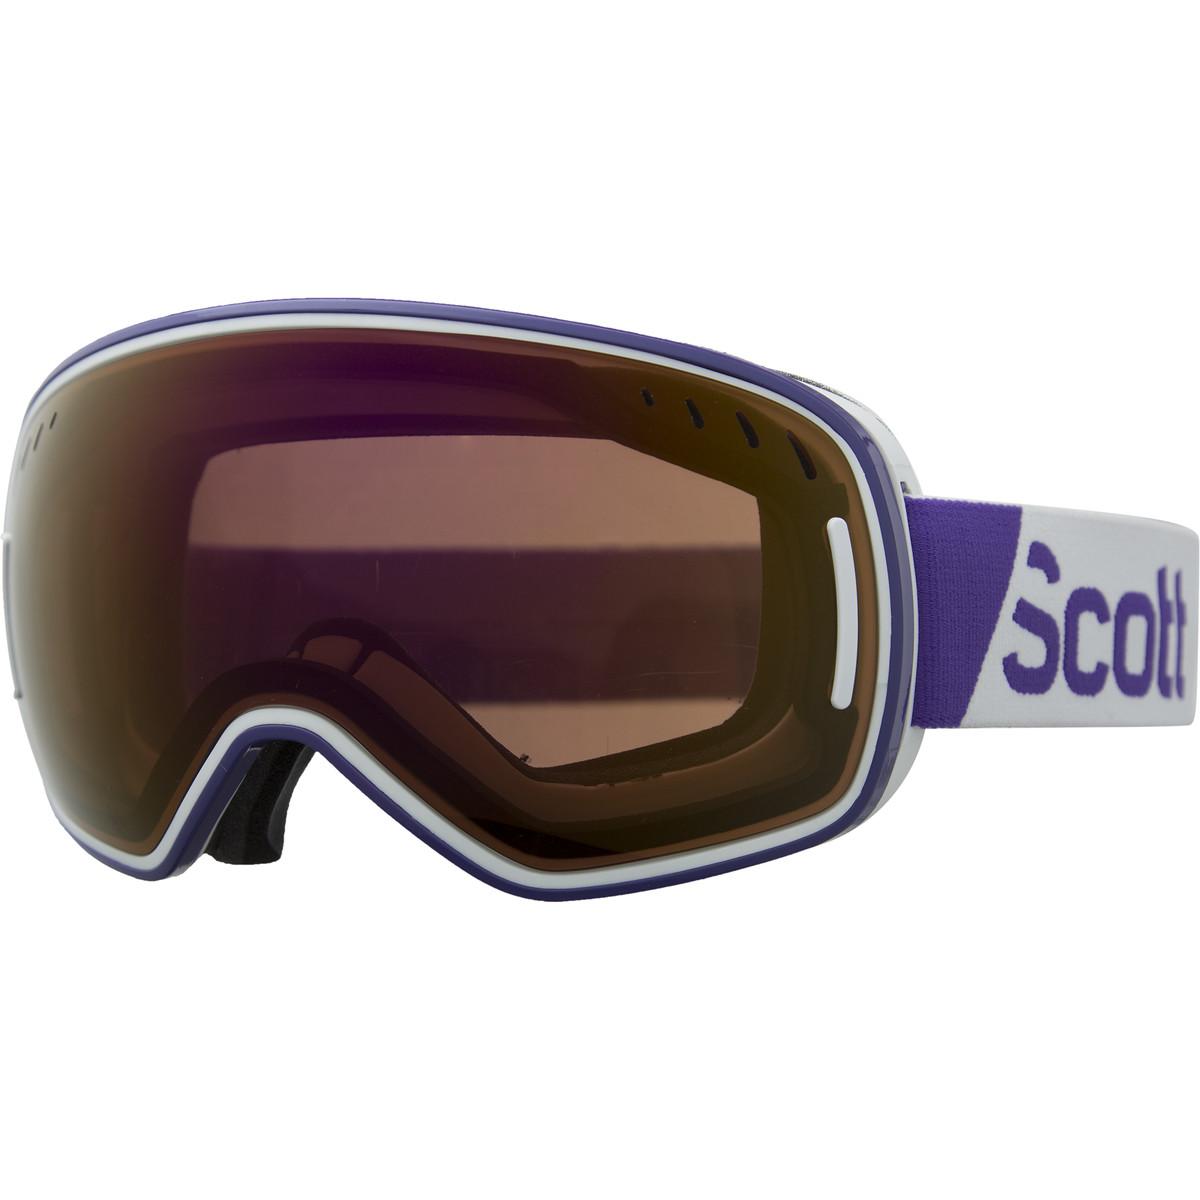 Scott LCG Goggle